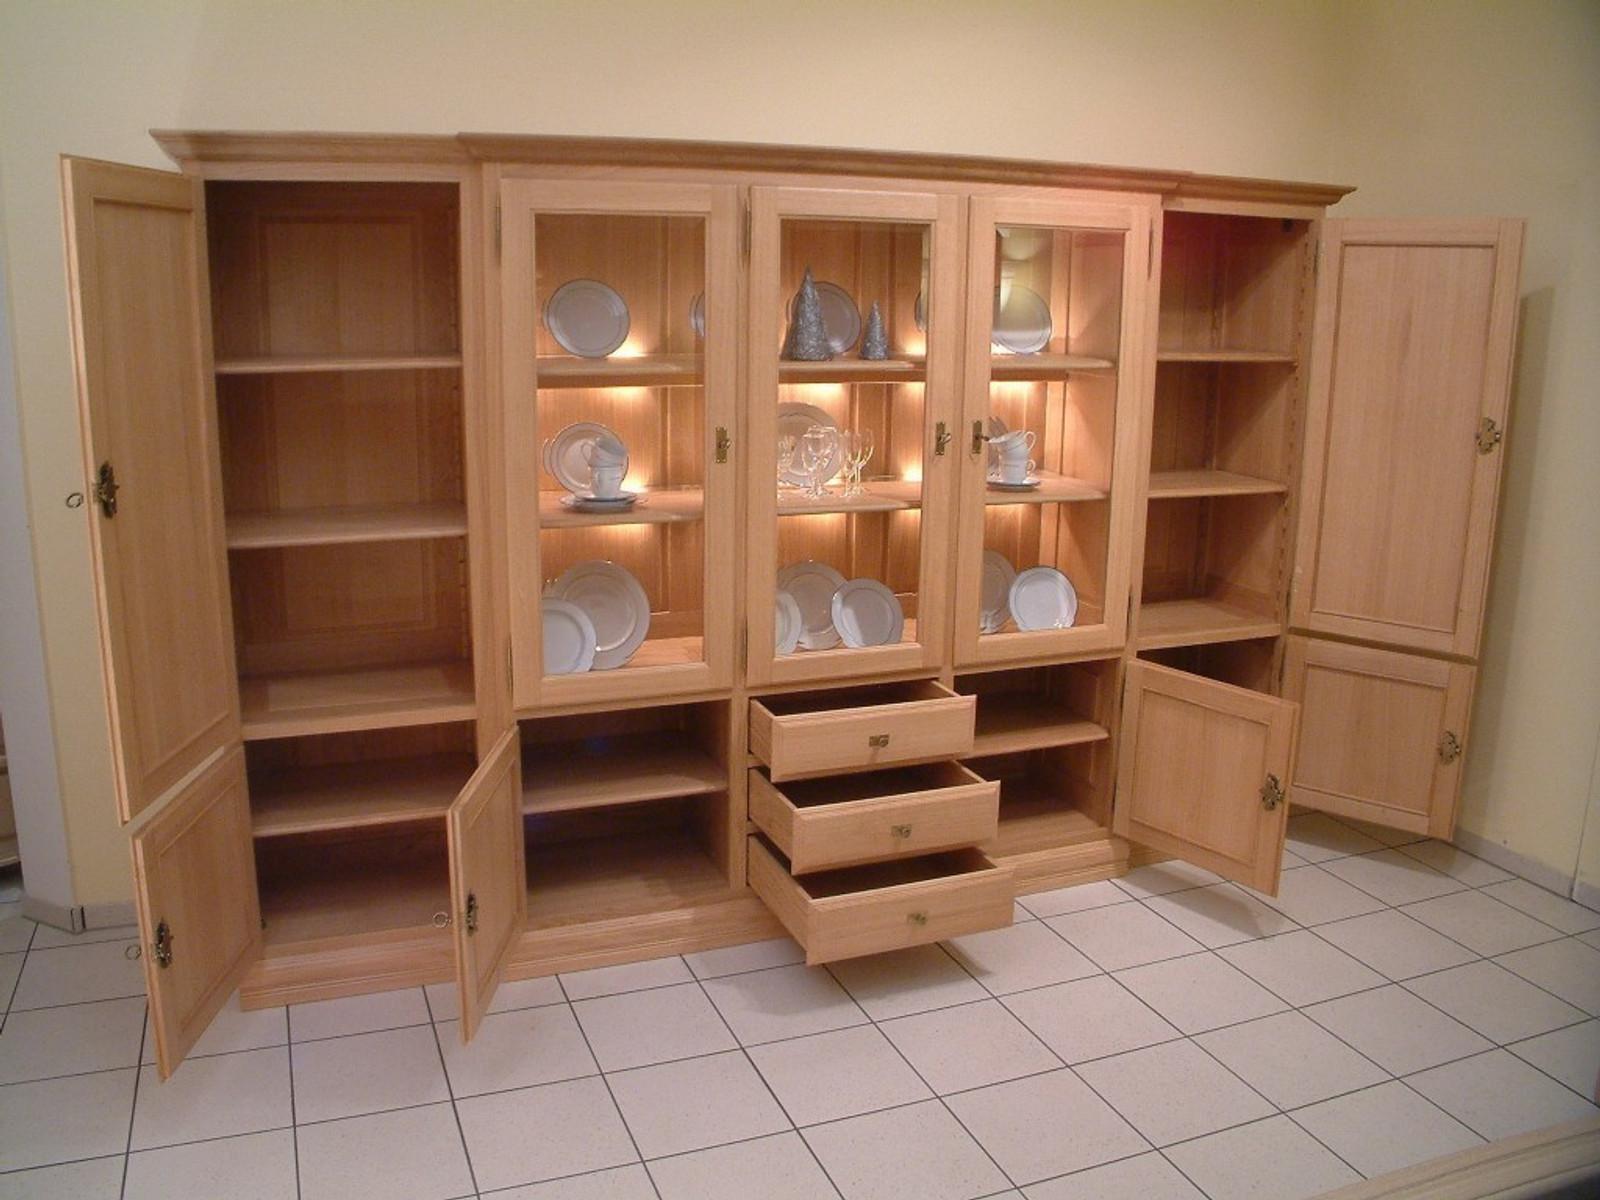 wohnschrank norden 5 t rig breite 293 cm h he 185 cm mittig mit 3 glast ren schrank im. Black Bedroom Furniture Sets. Home Design Ideas